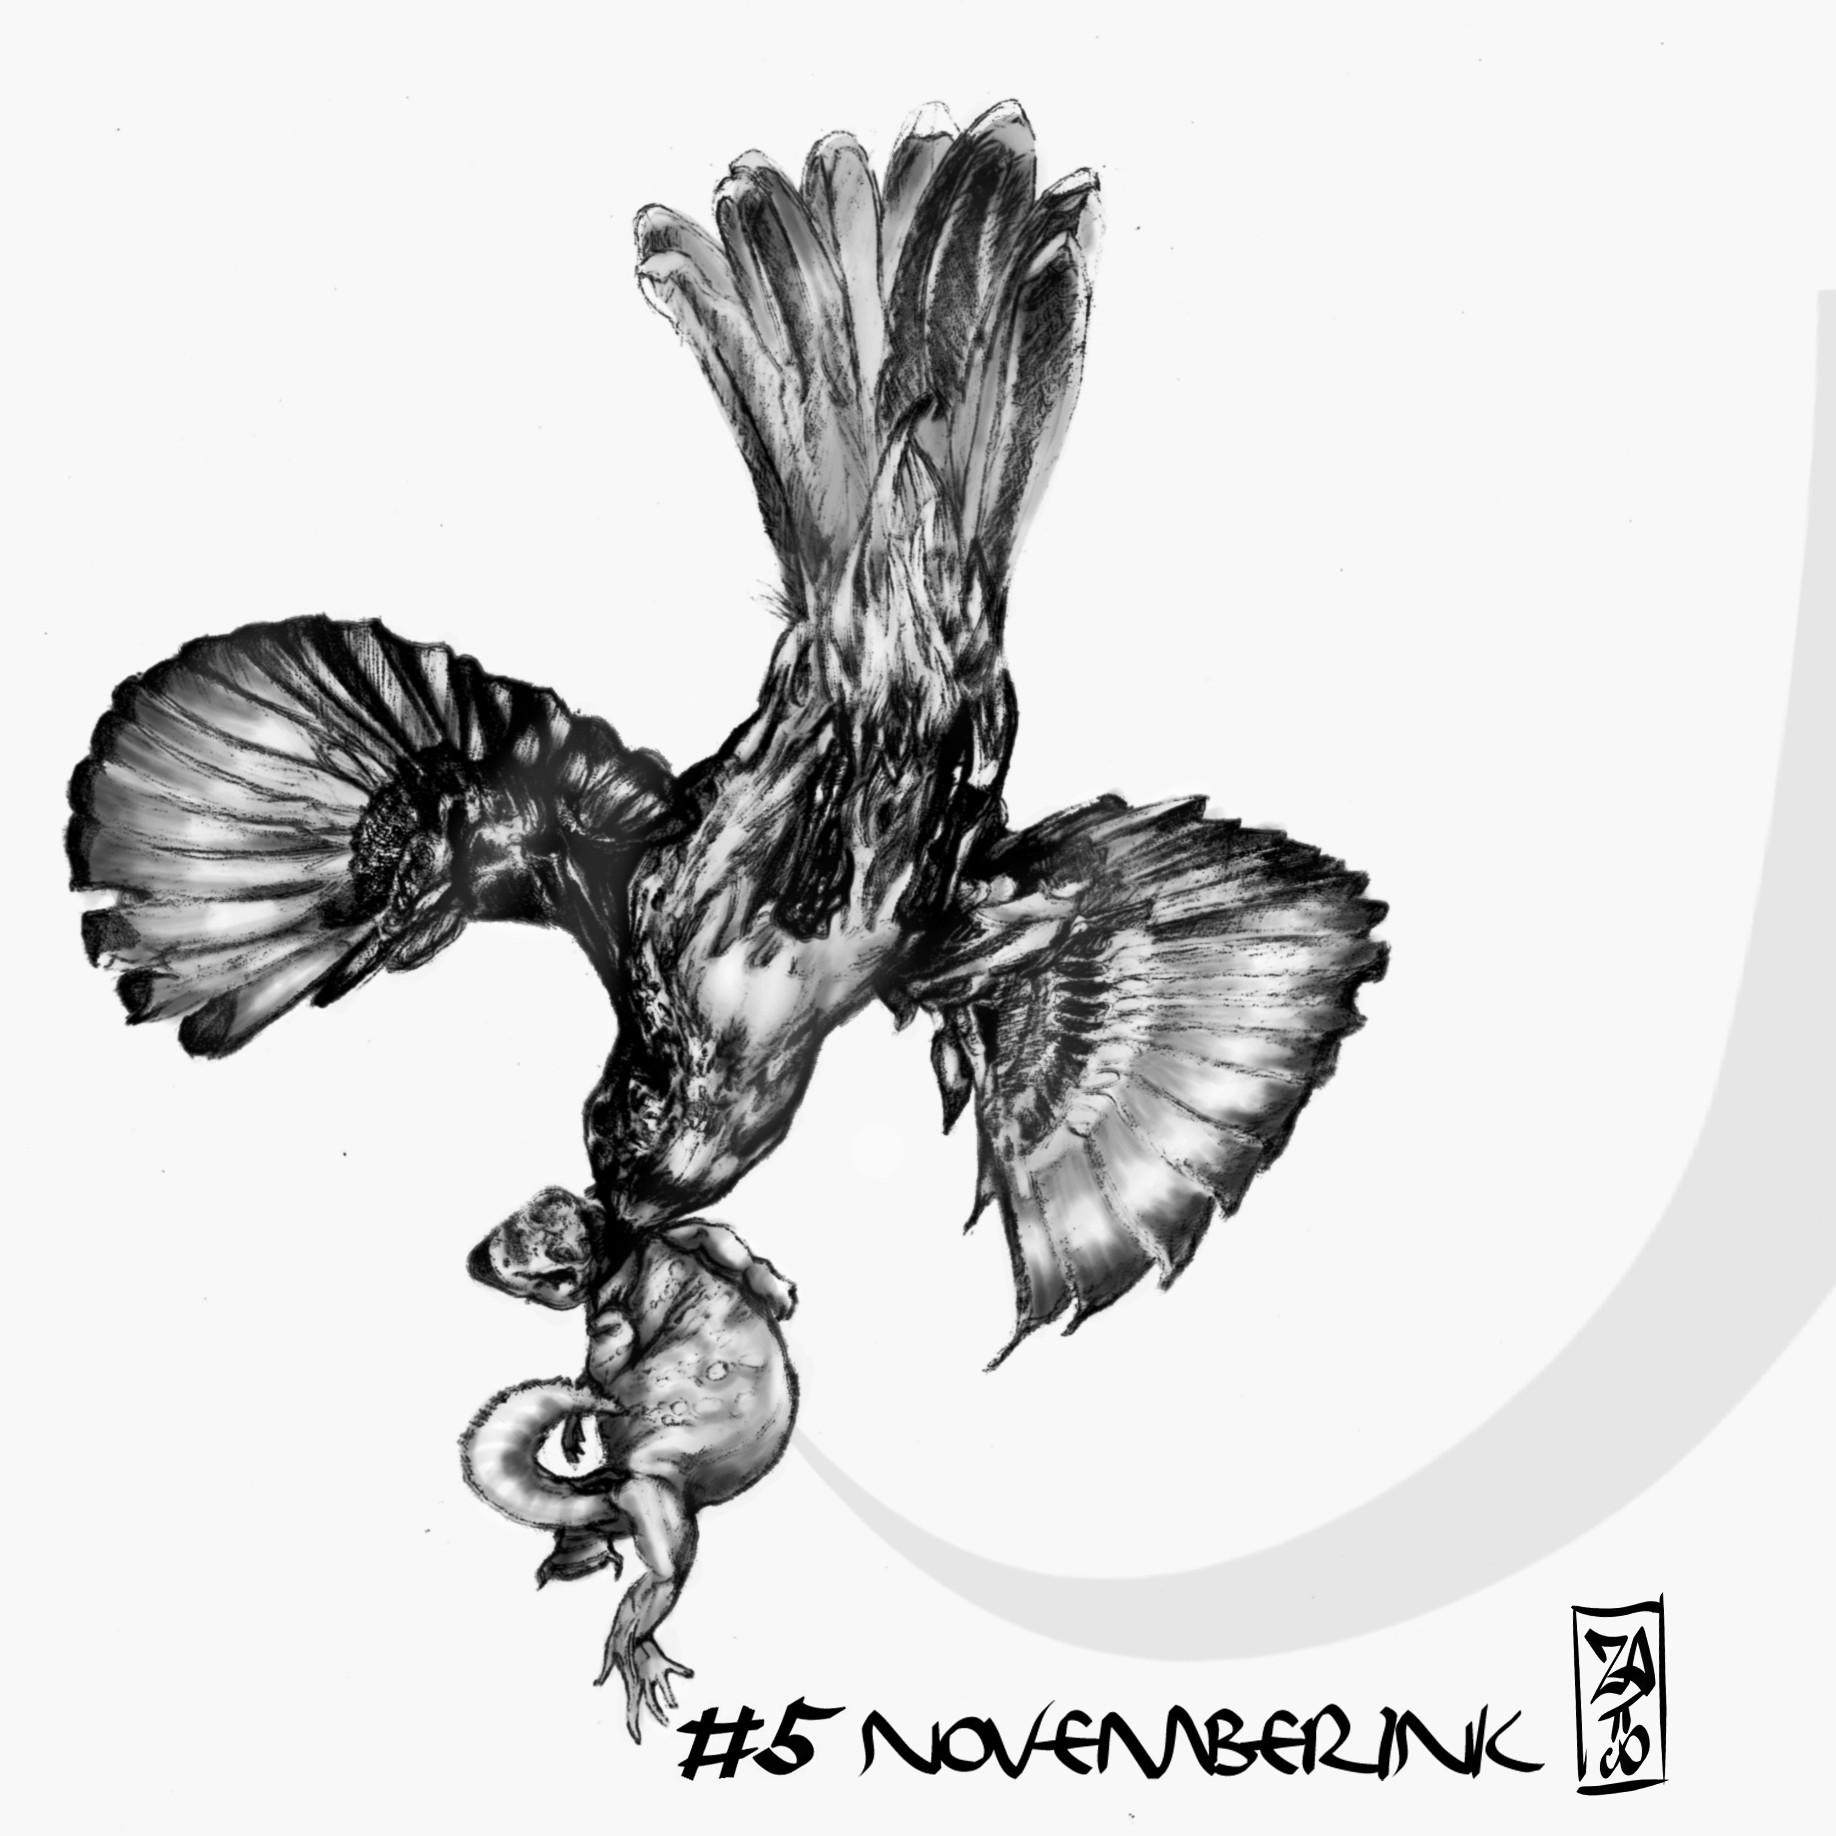 novemberink #5